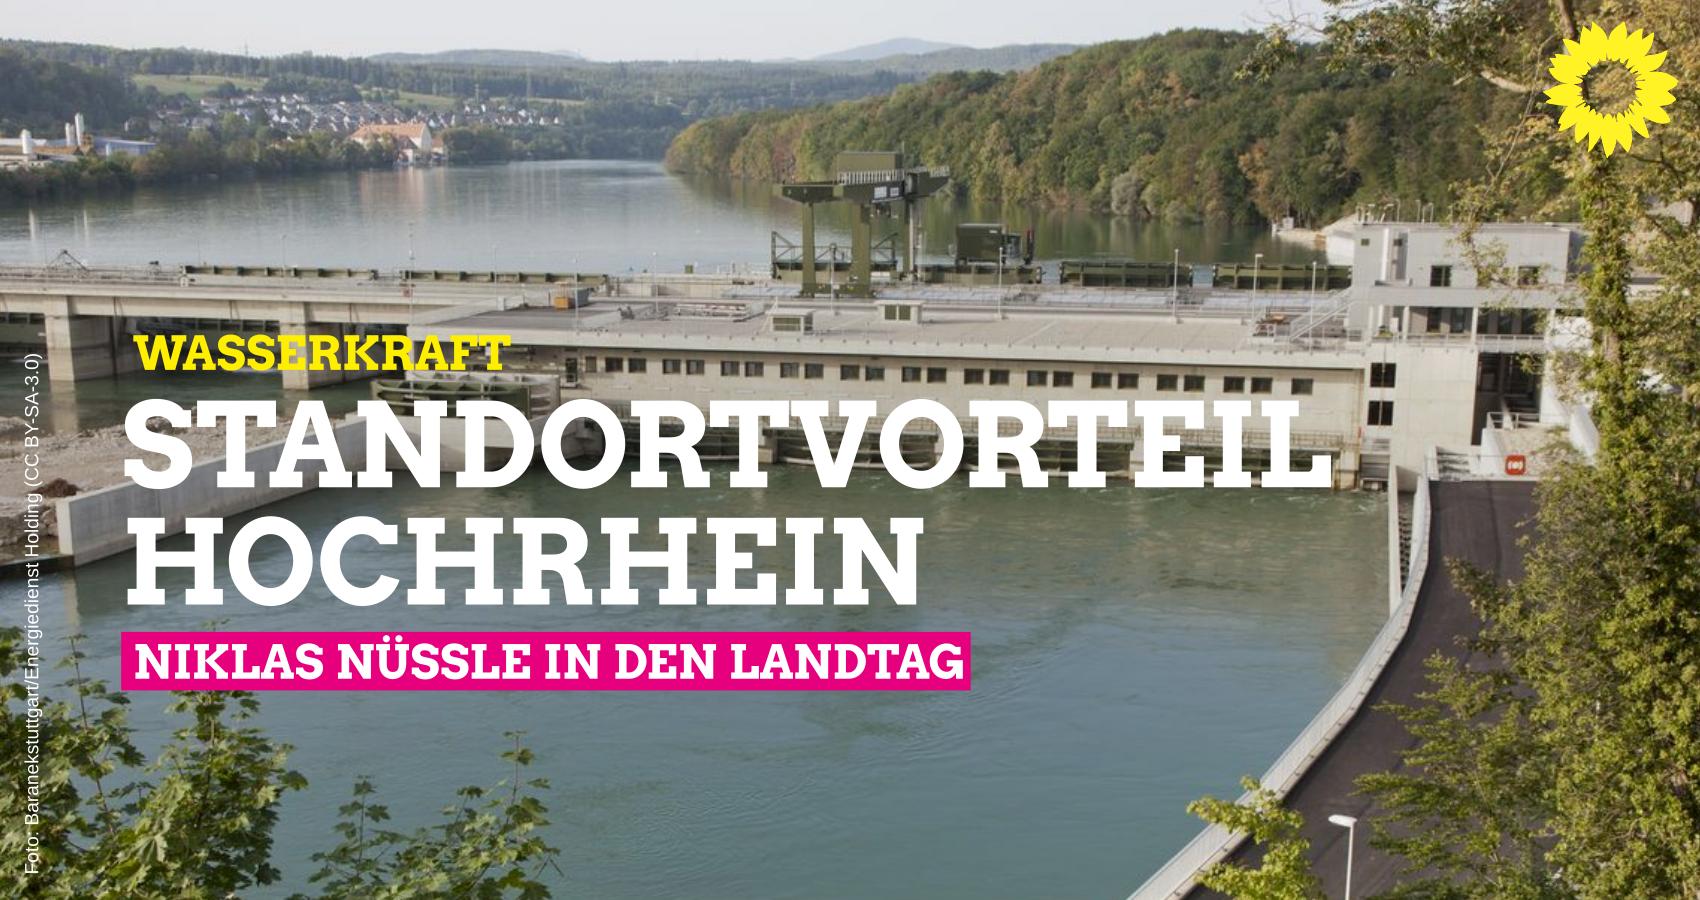 Wasserkraft: Standortvorteil Hochrhein